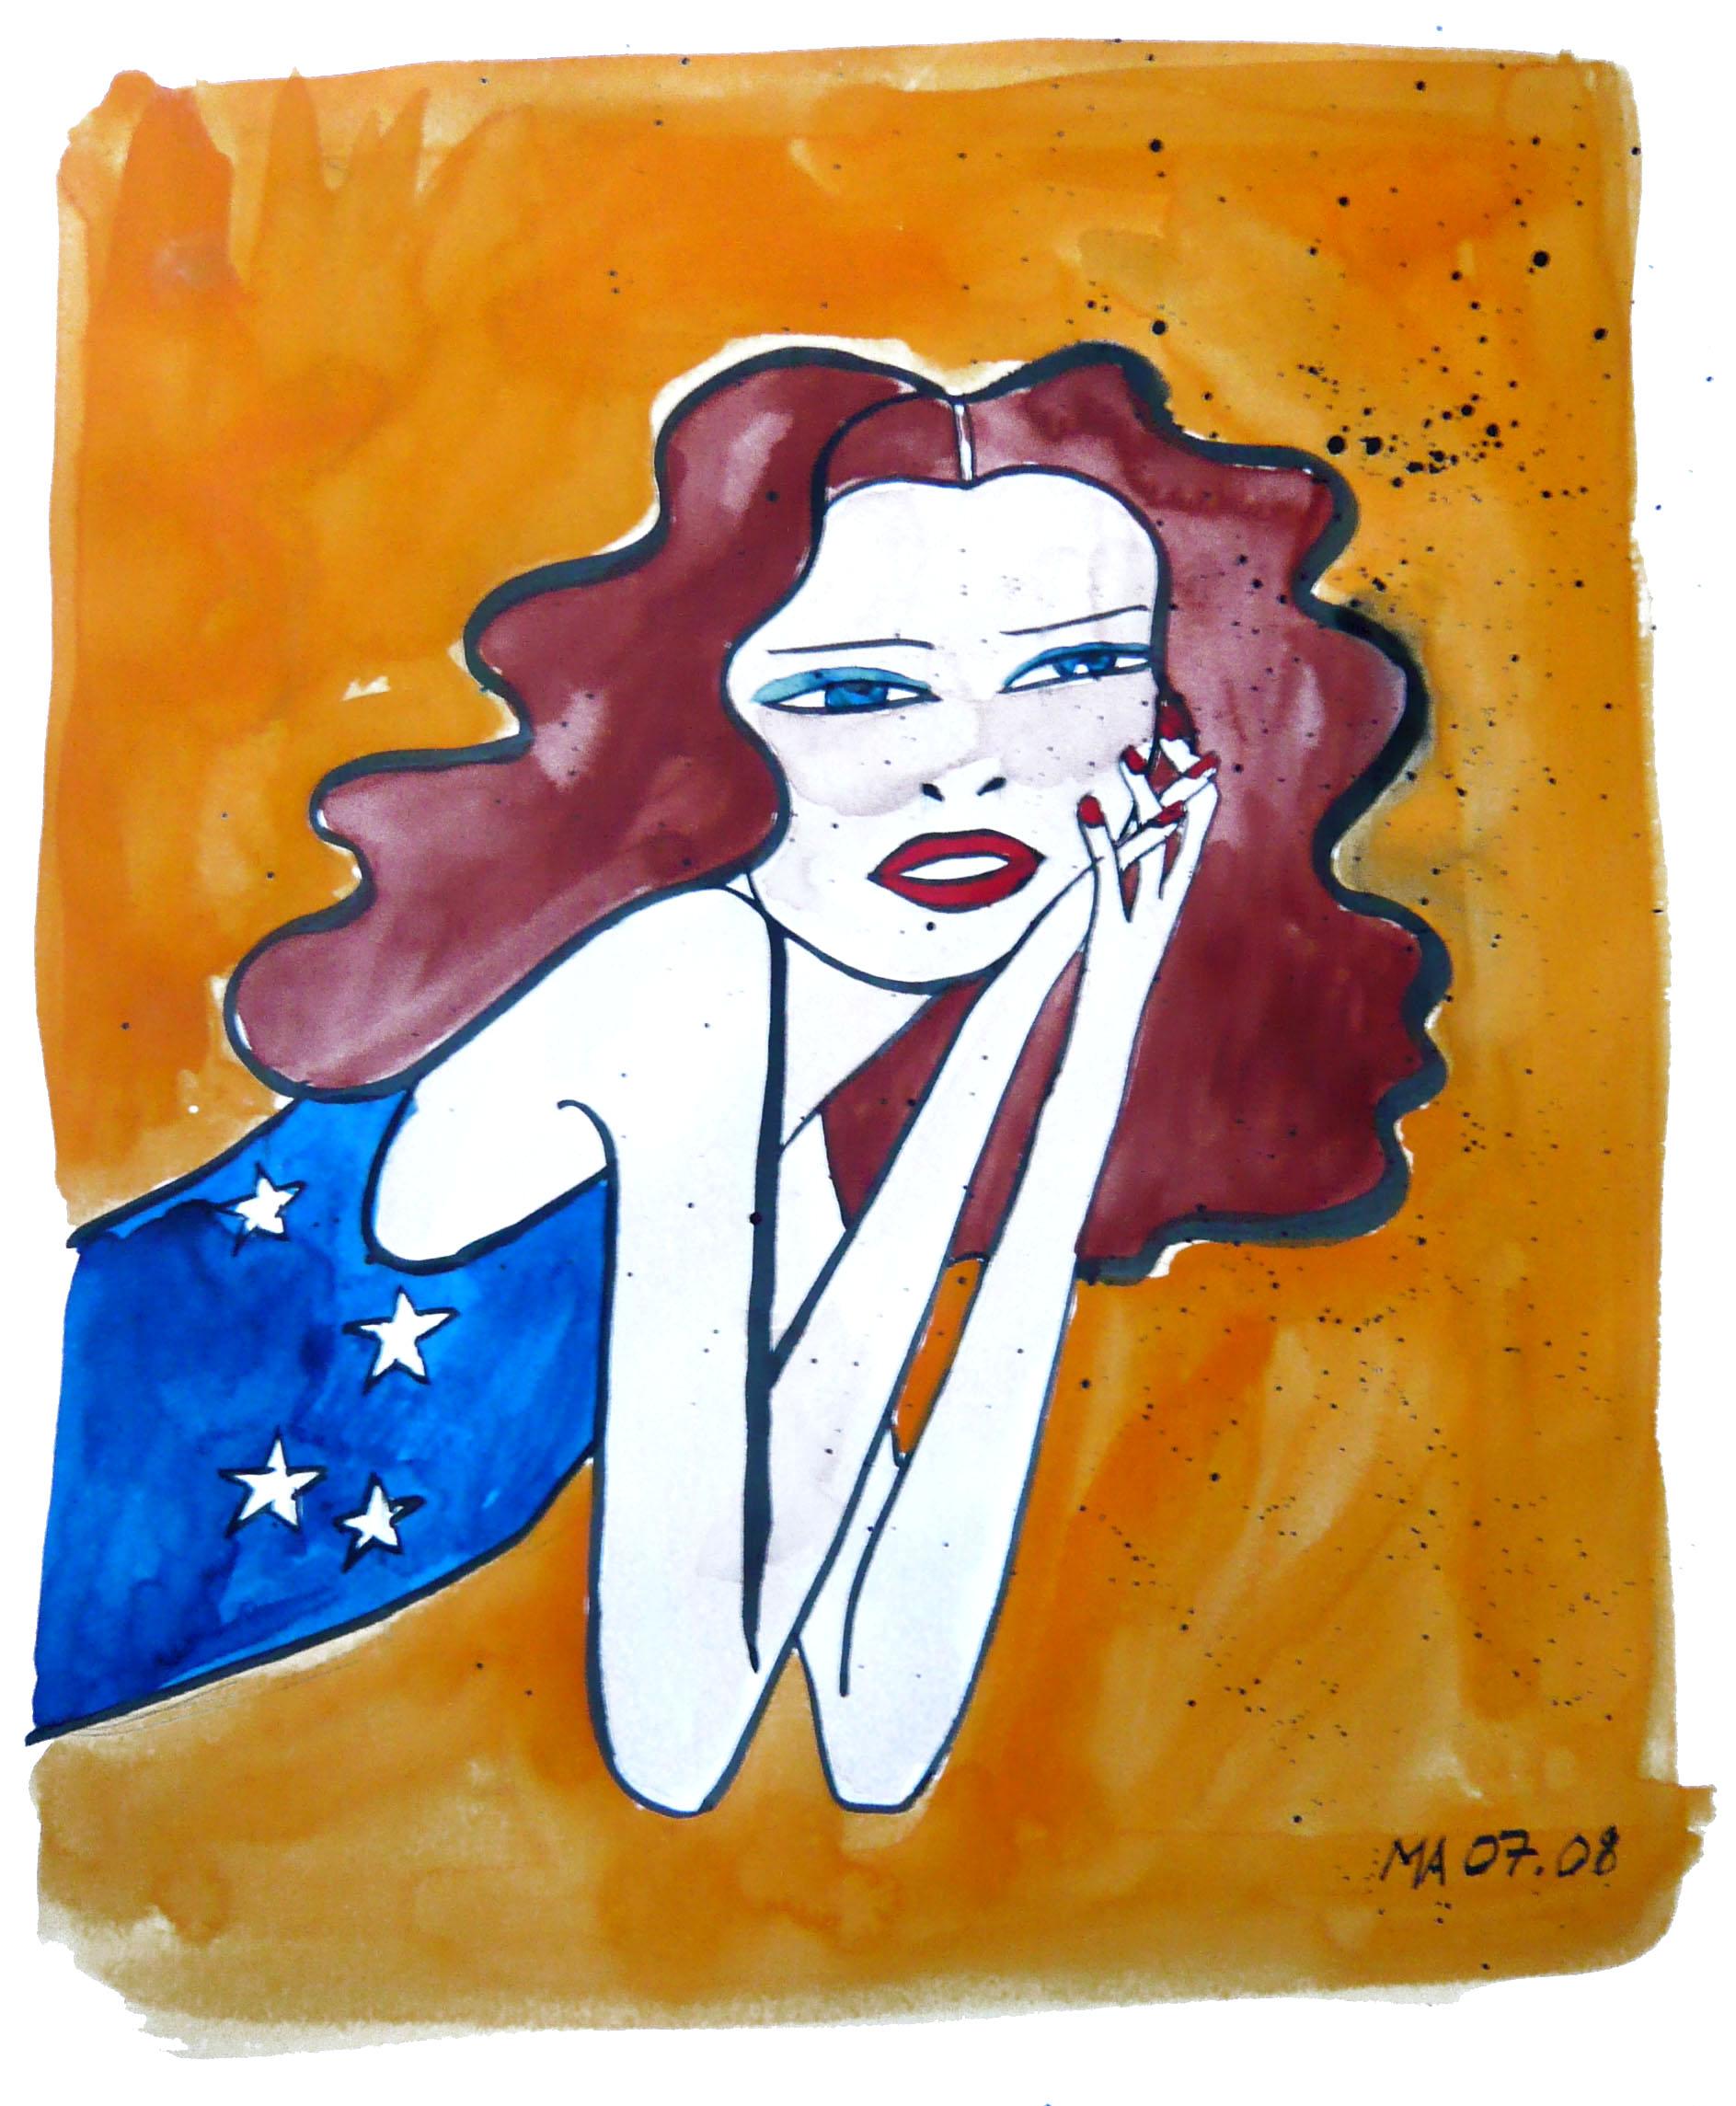 Encre de chine+ aquarelle sur papier 31 X 40,5 cm / 2008